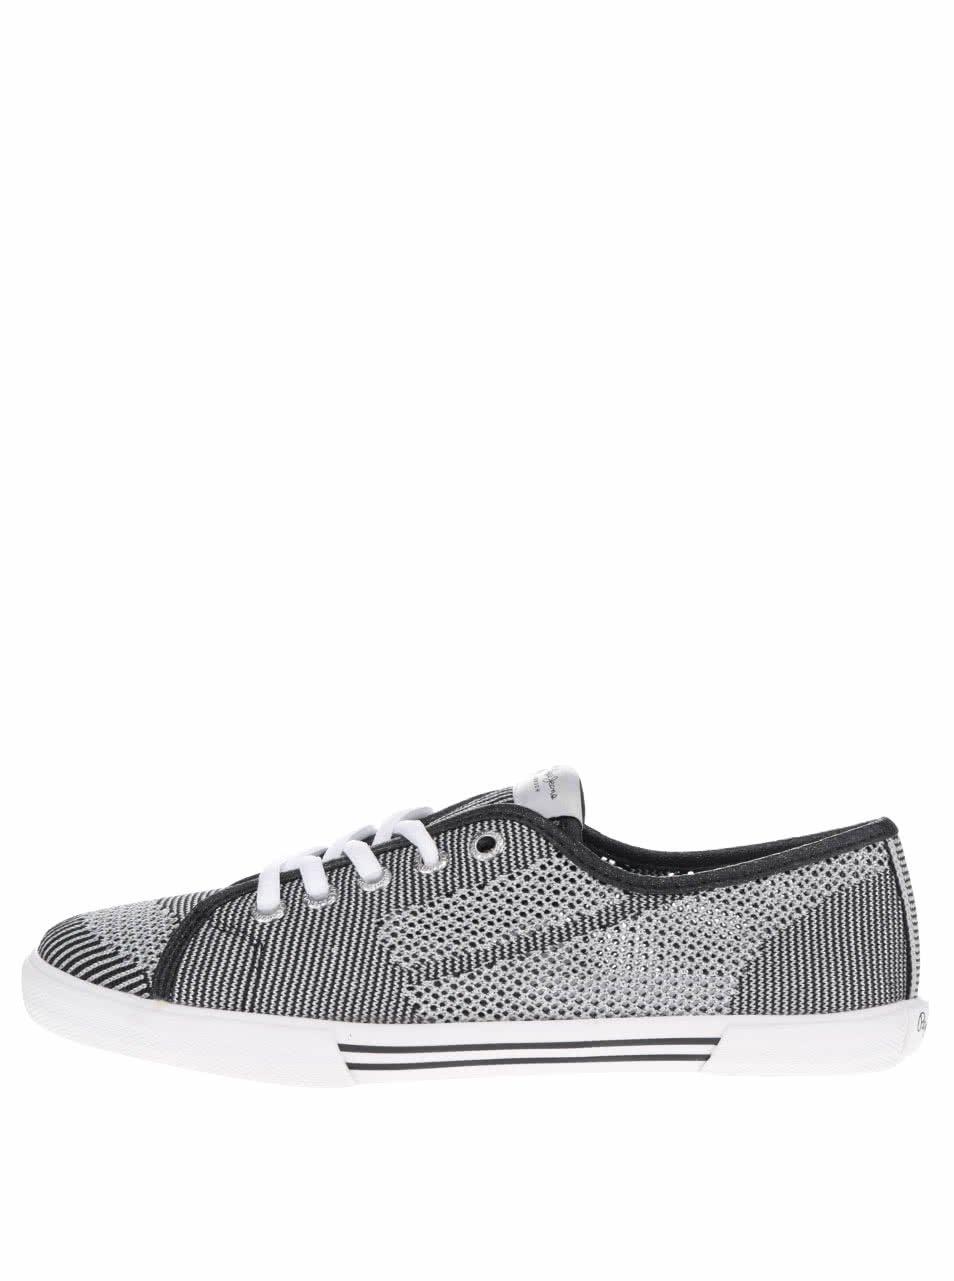 Dámské perforované tenisky ve stříbrné barvě Pepe Jeans Aberlady Fishnet